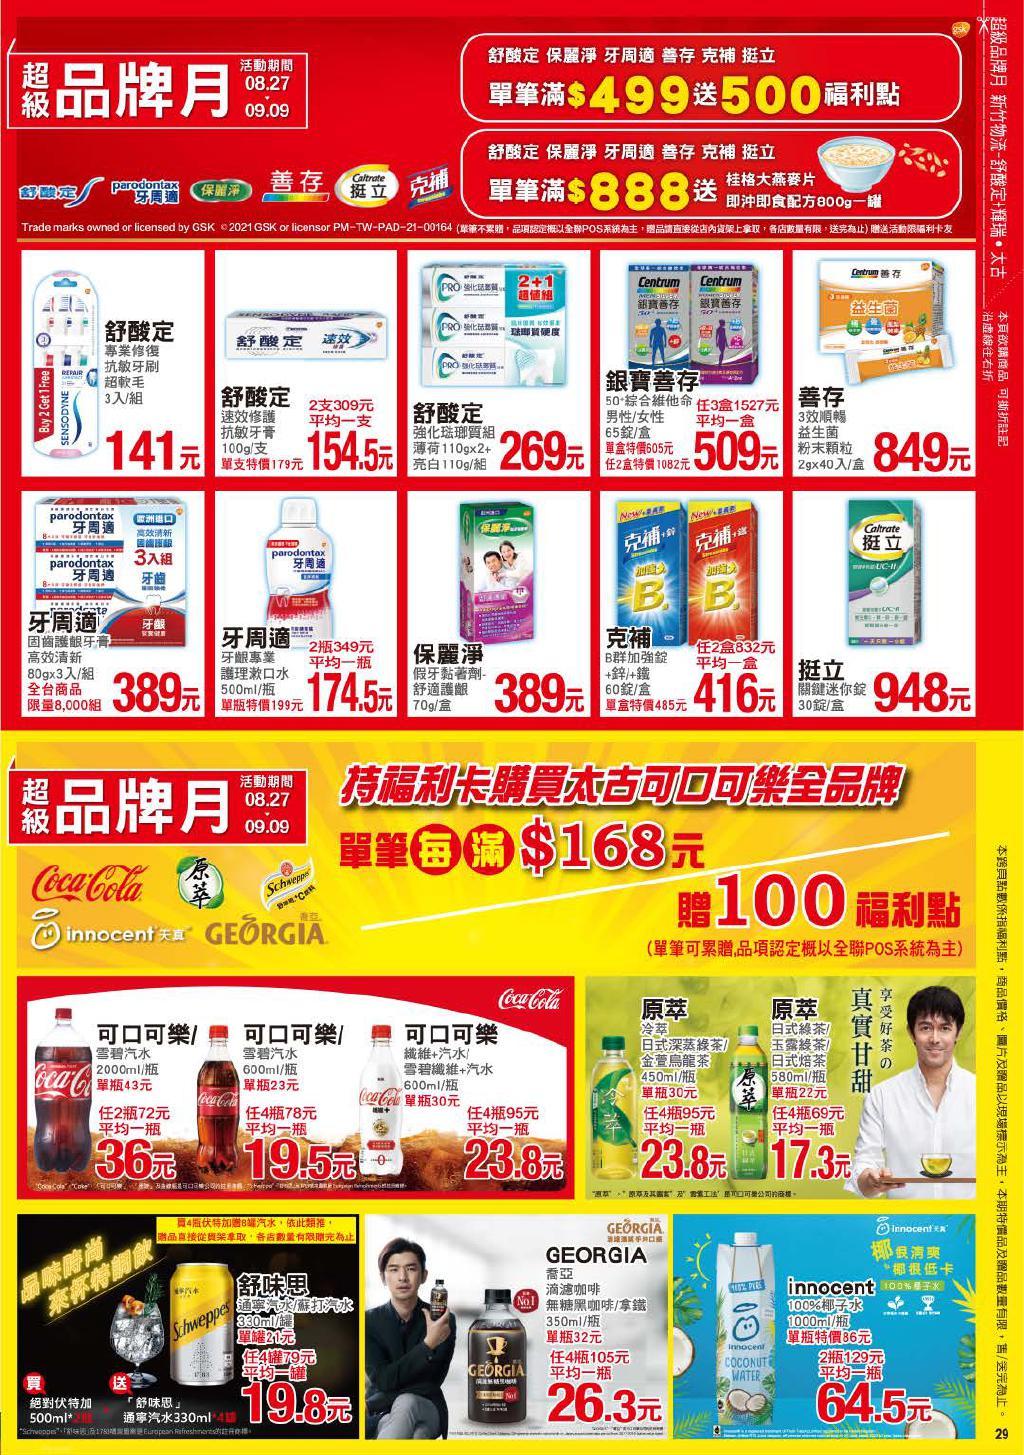 pxmart20210909_000029.jpg